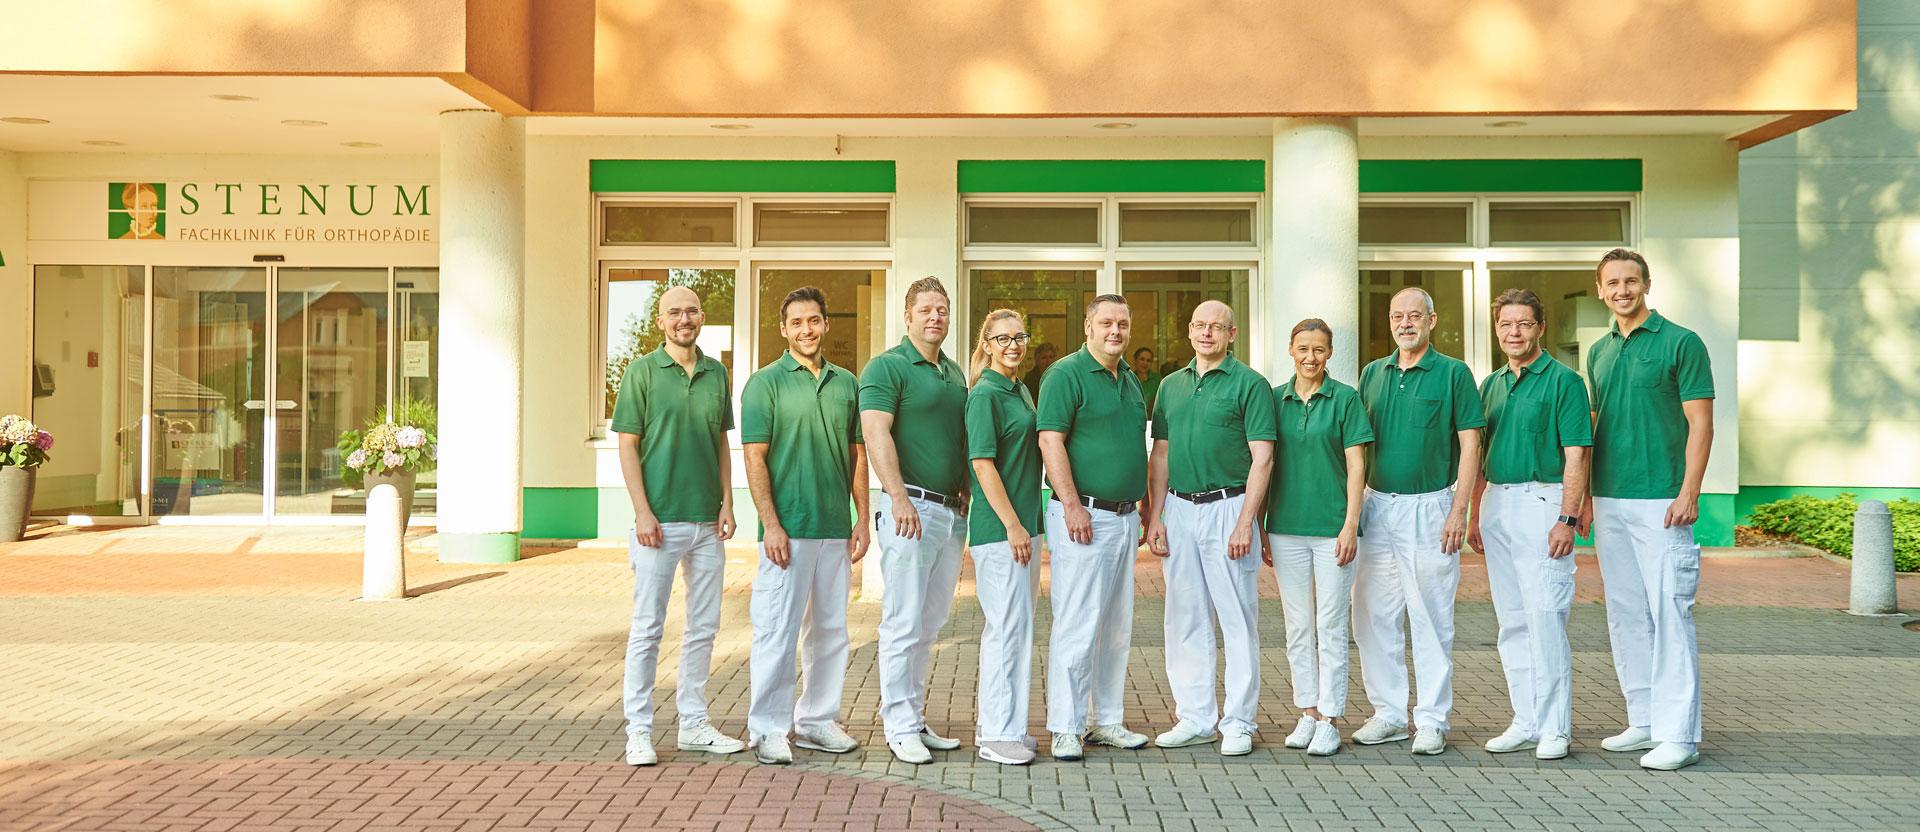 Ärzte der Fachklinik in Stenum